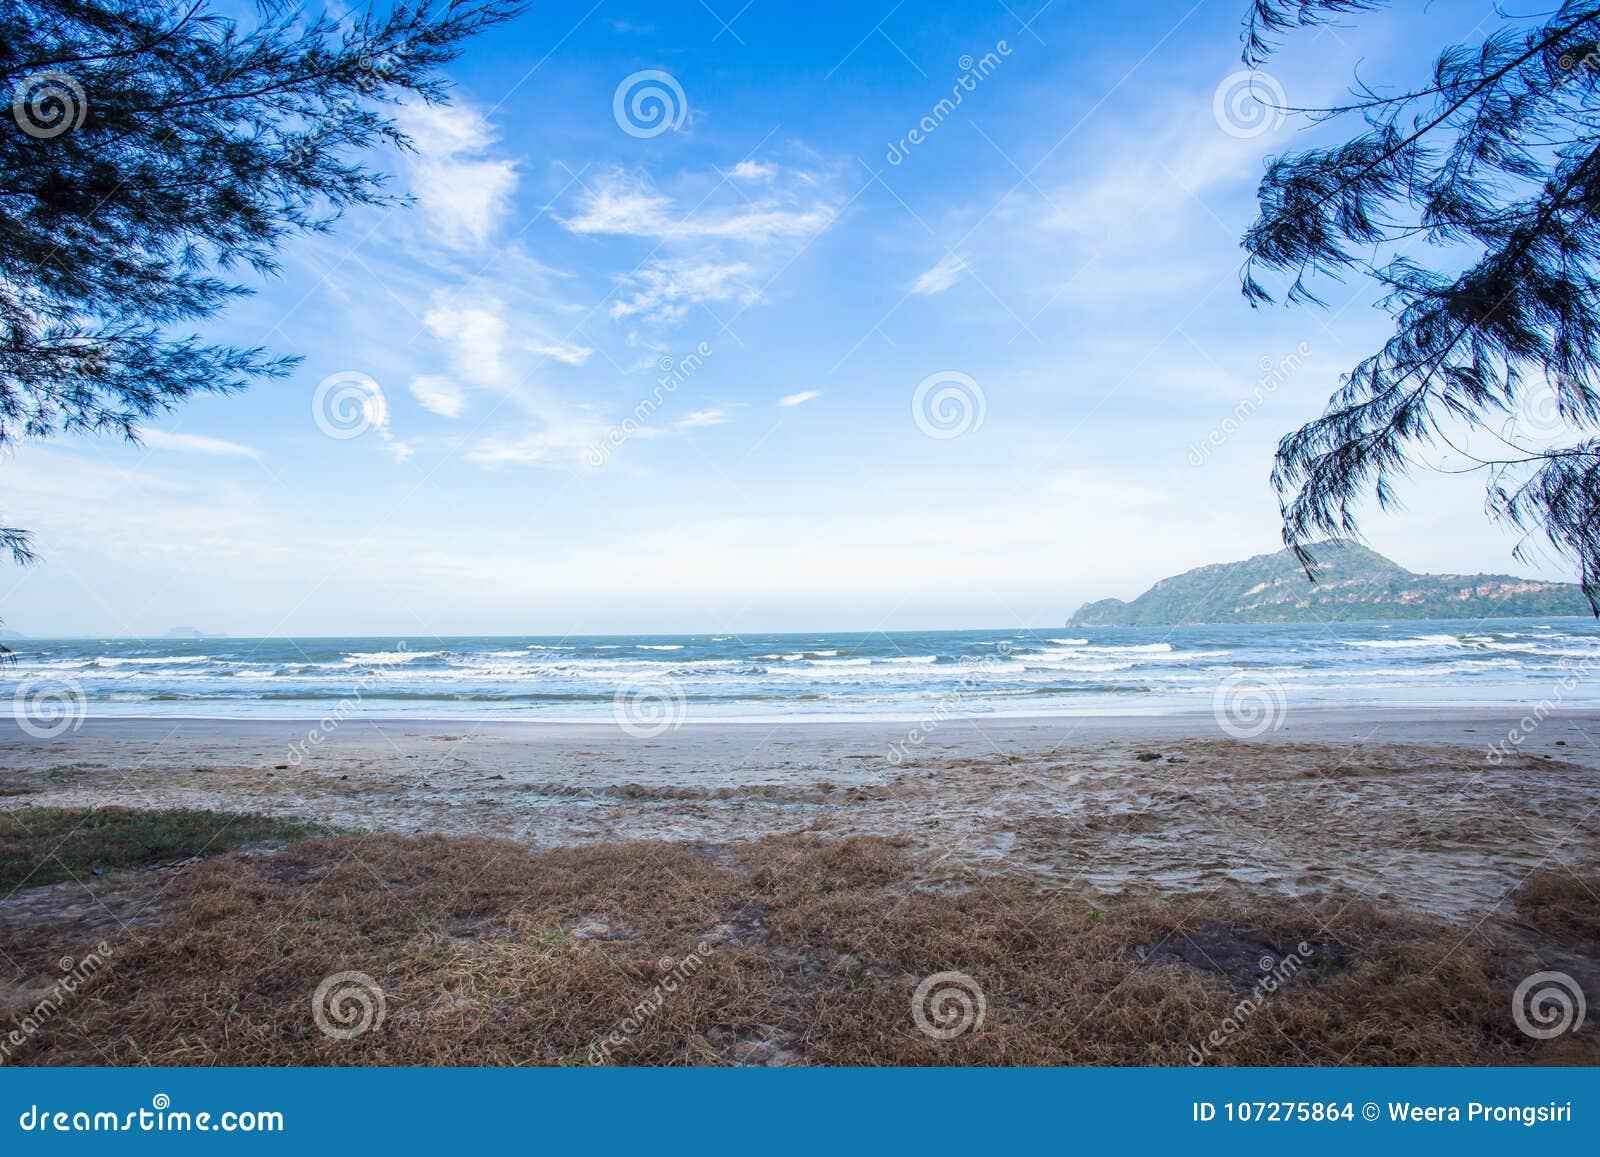 美丽的海滩惊人的看法  地点:甲米府泰国安达曼海 艺术性的图片